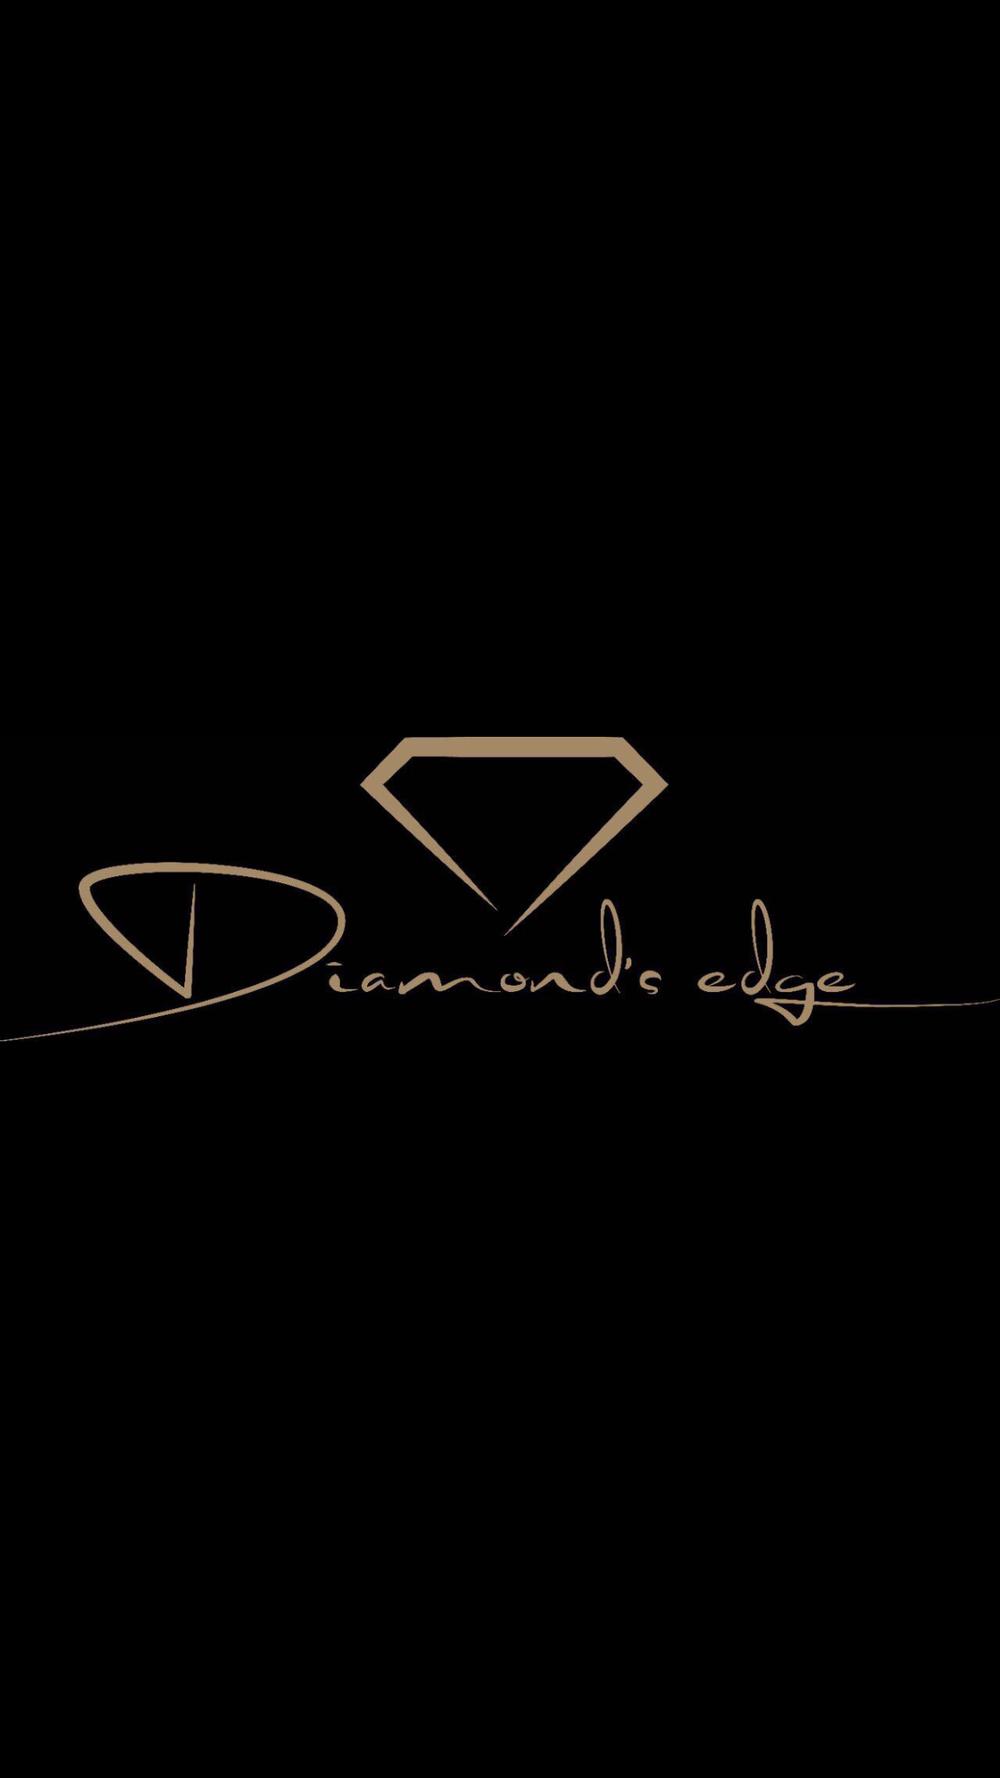 logo black background.PNG